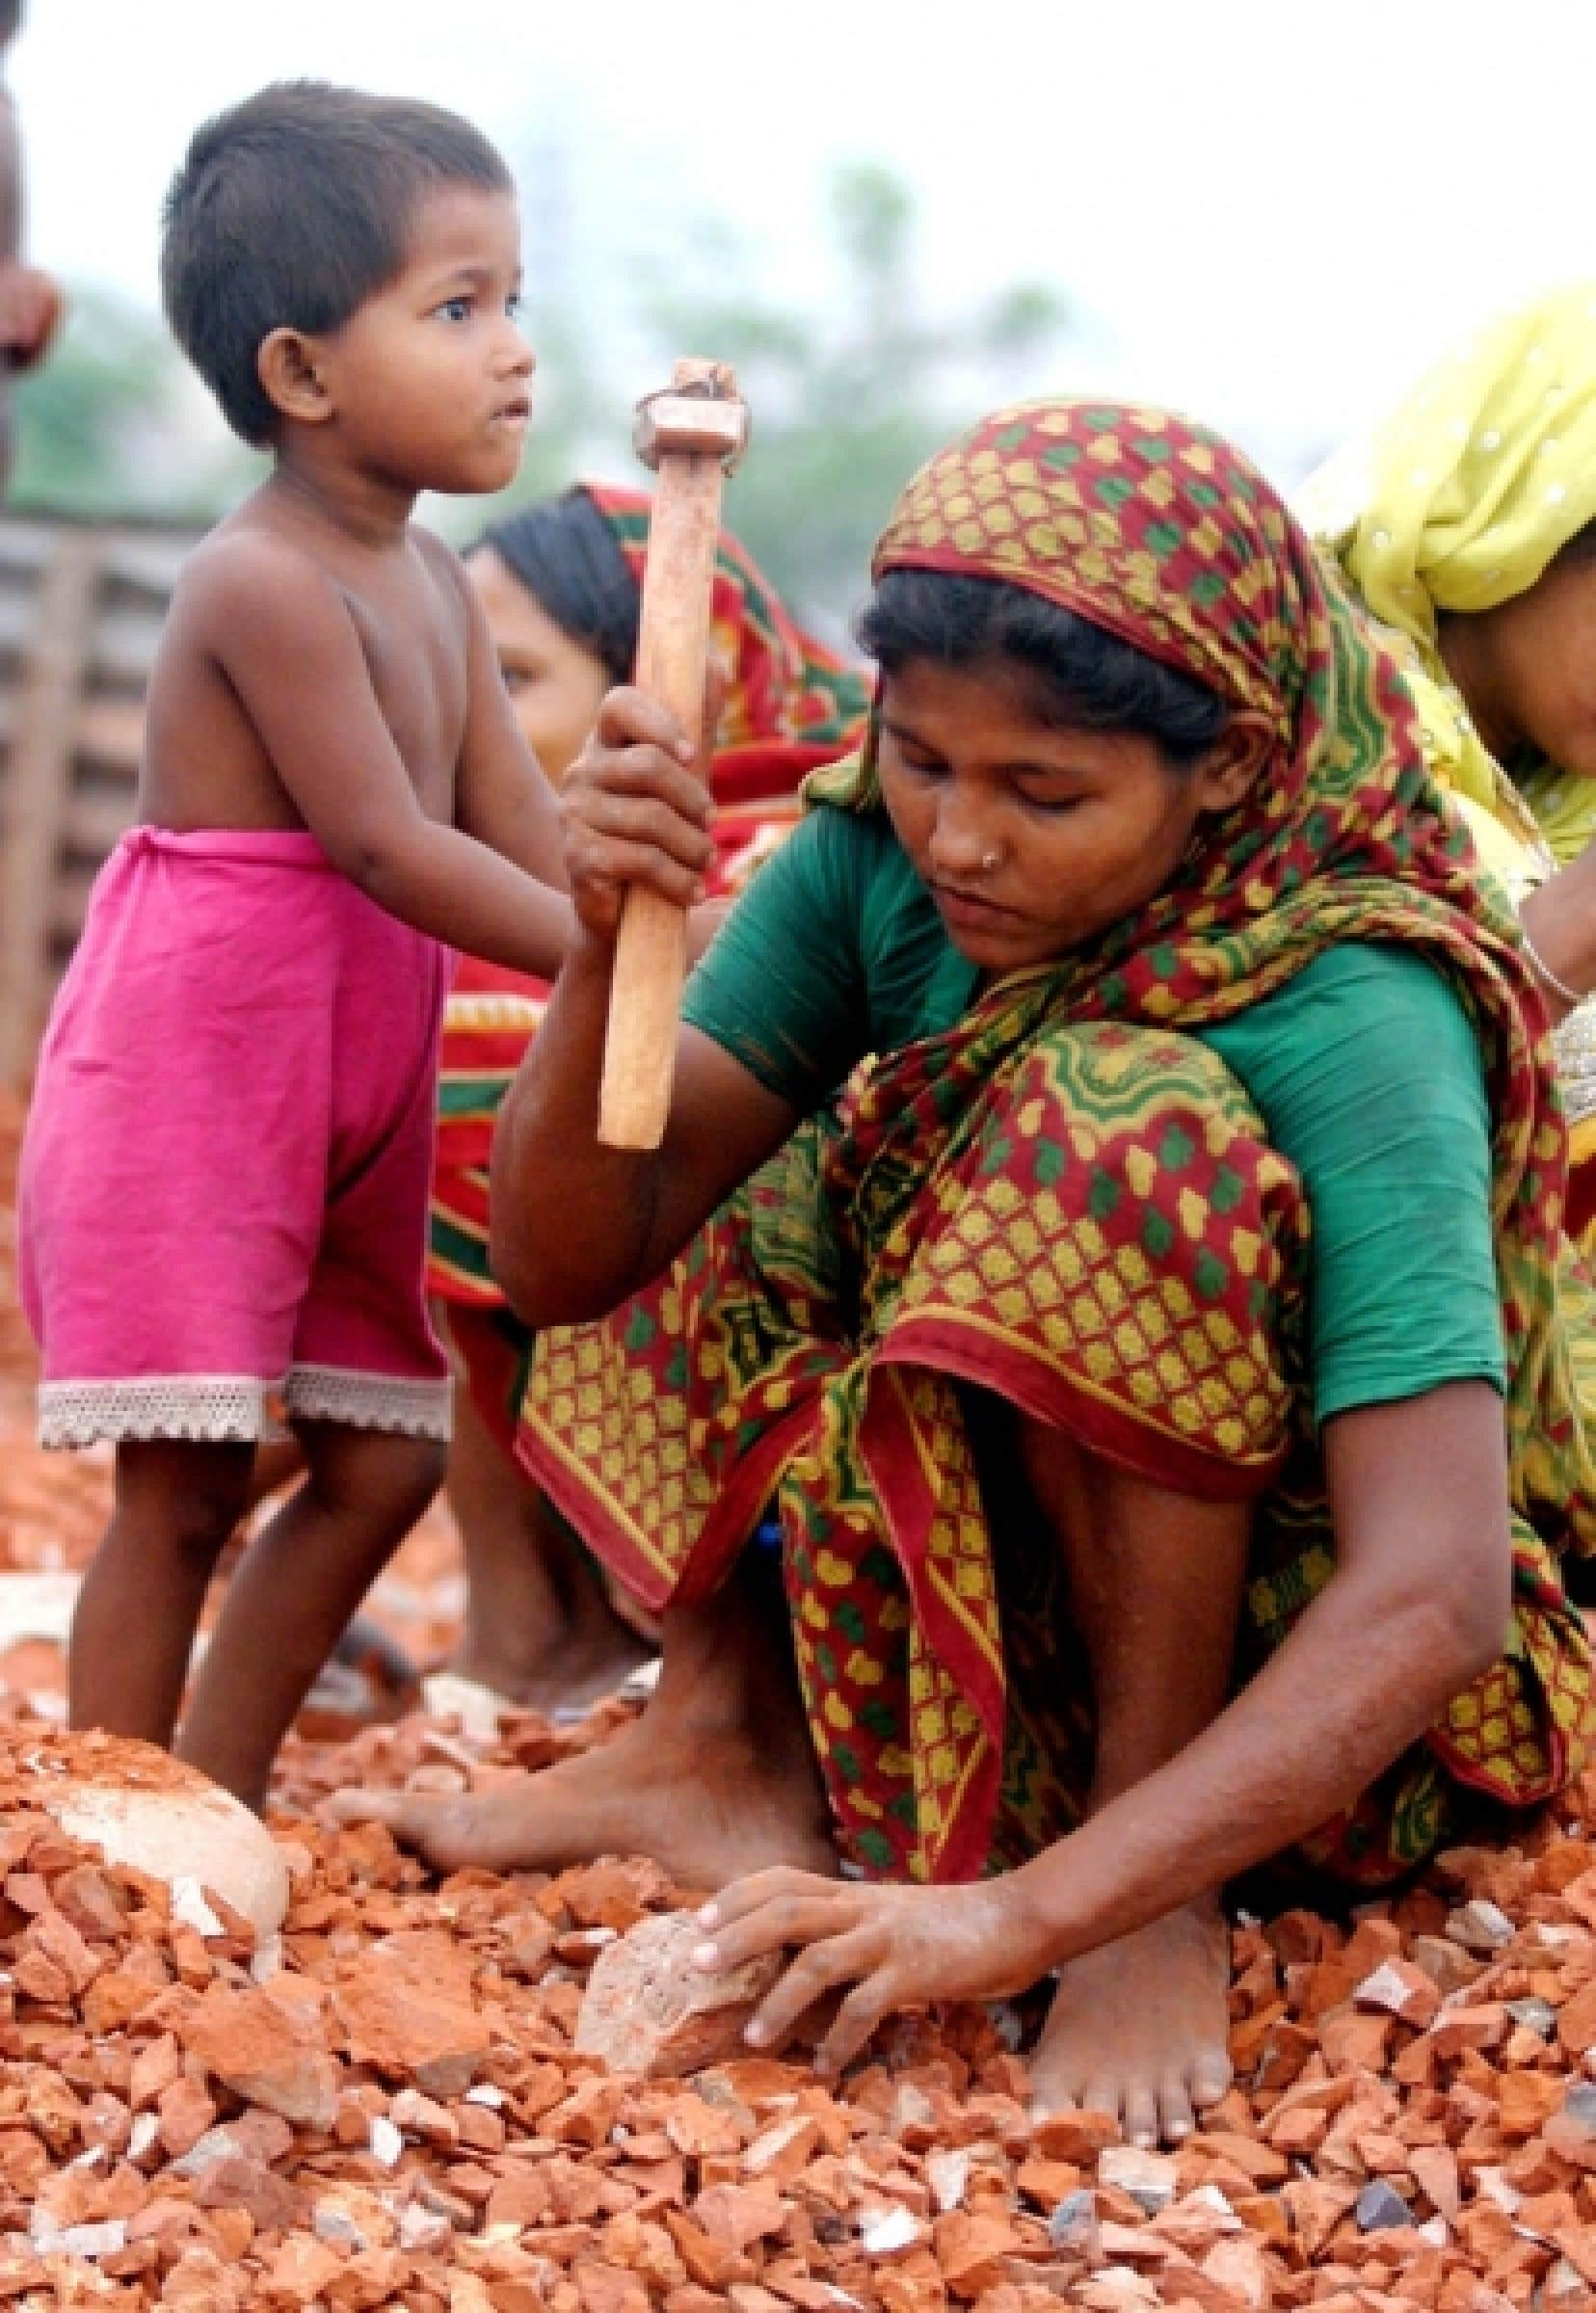 Femme travaillant dans une briqueterie au Bangladesh. Les femmes pauvres peuvent être considérées comme le «paradigme de l'humanité blessée et des écosystèmes menacés».